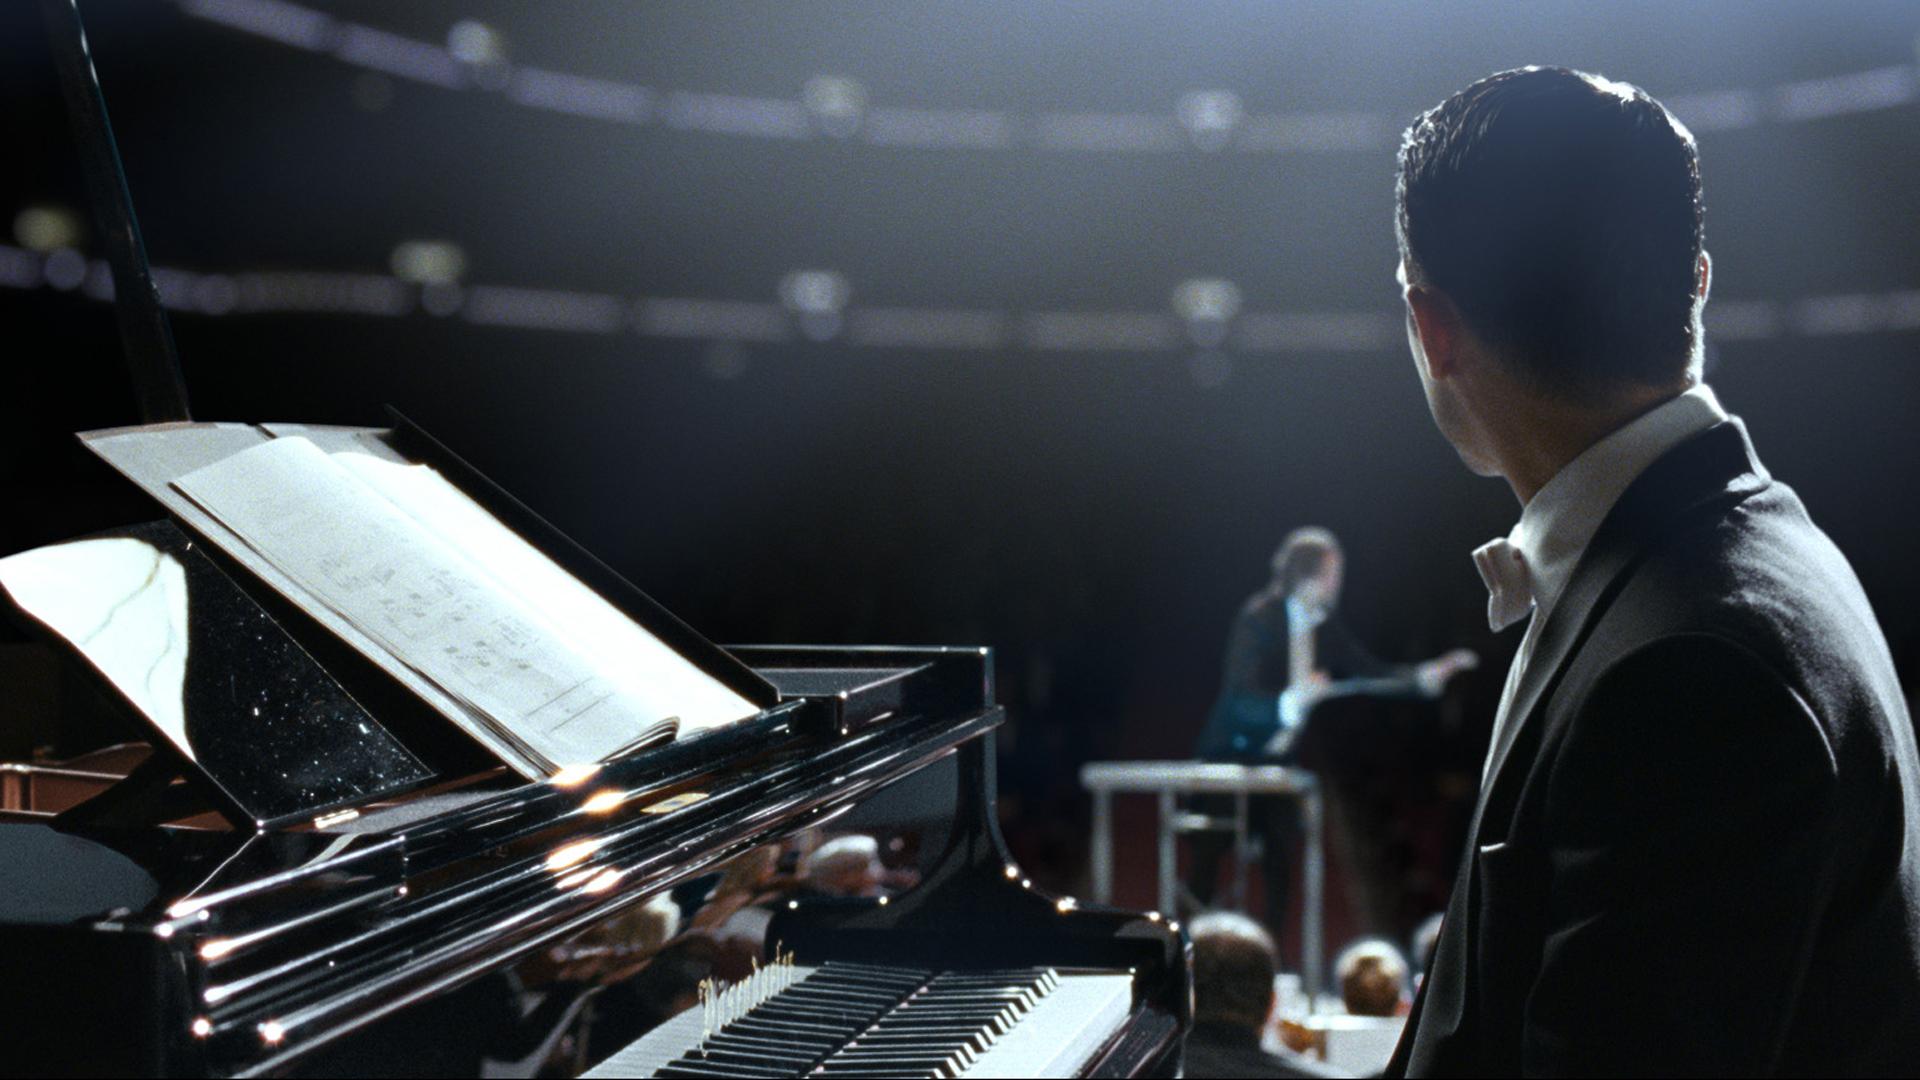 1 - Grand Piano